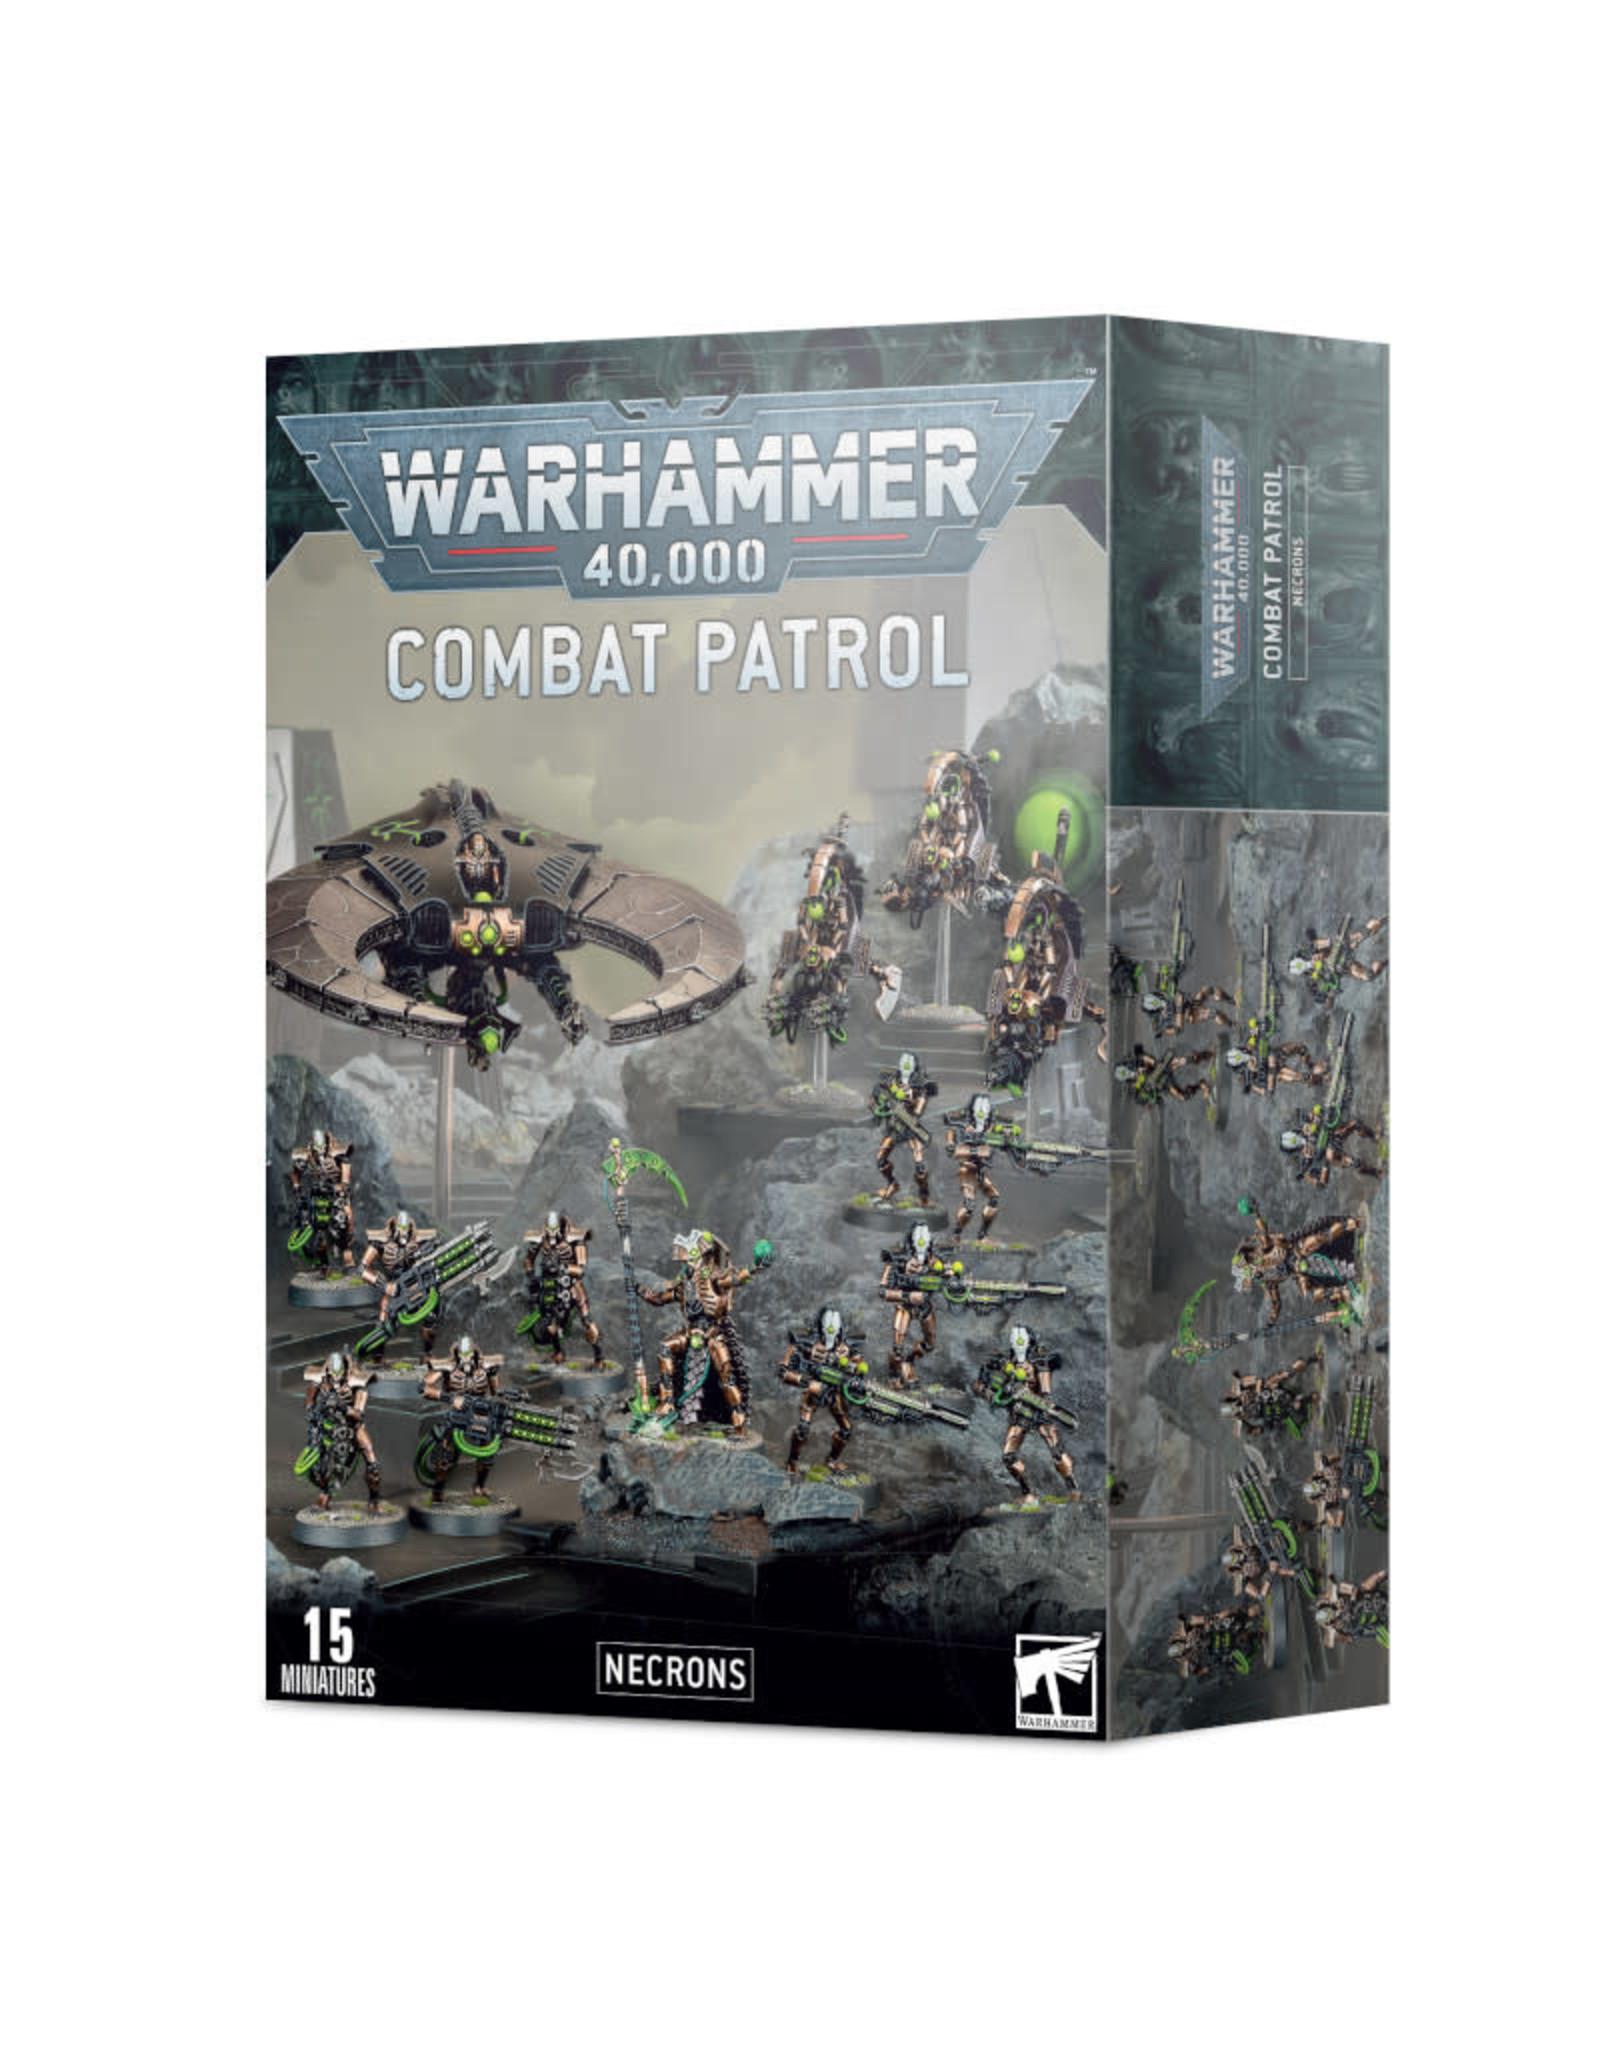 Games Workshop Warhammer 40K Combat Patrol Necrons